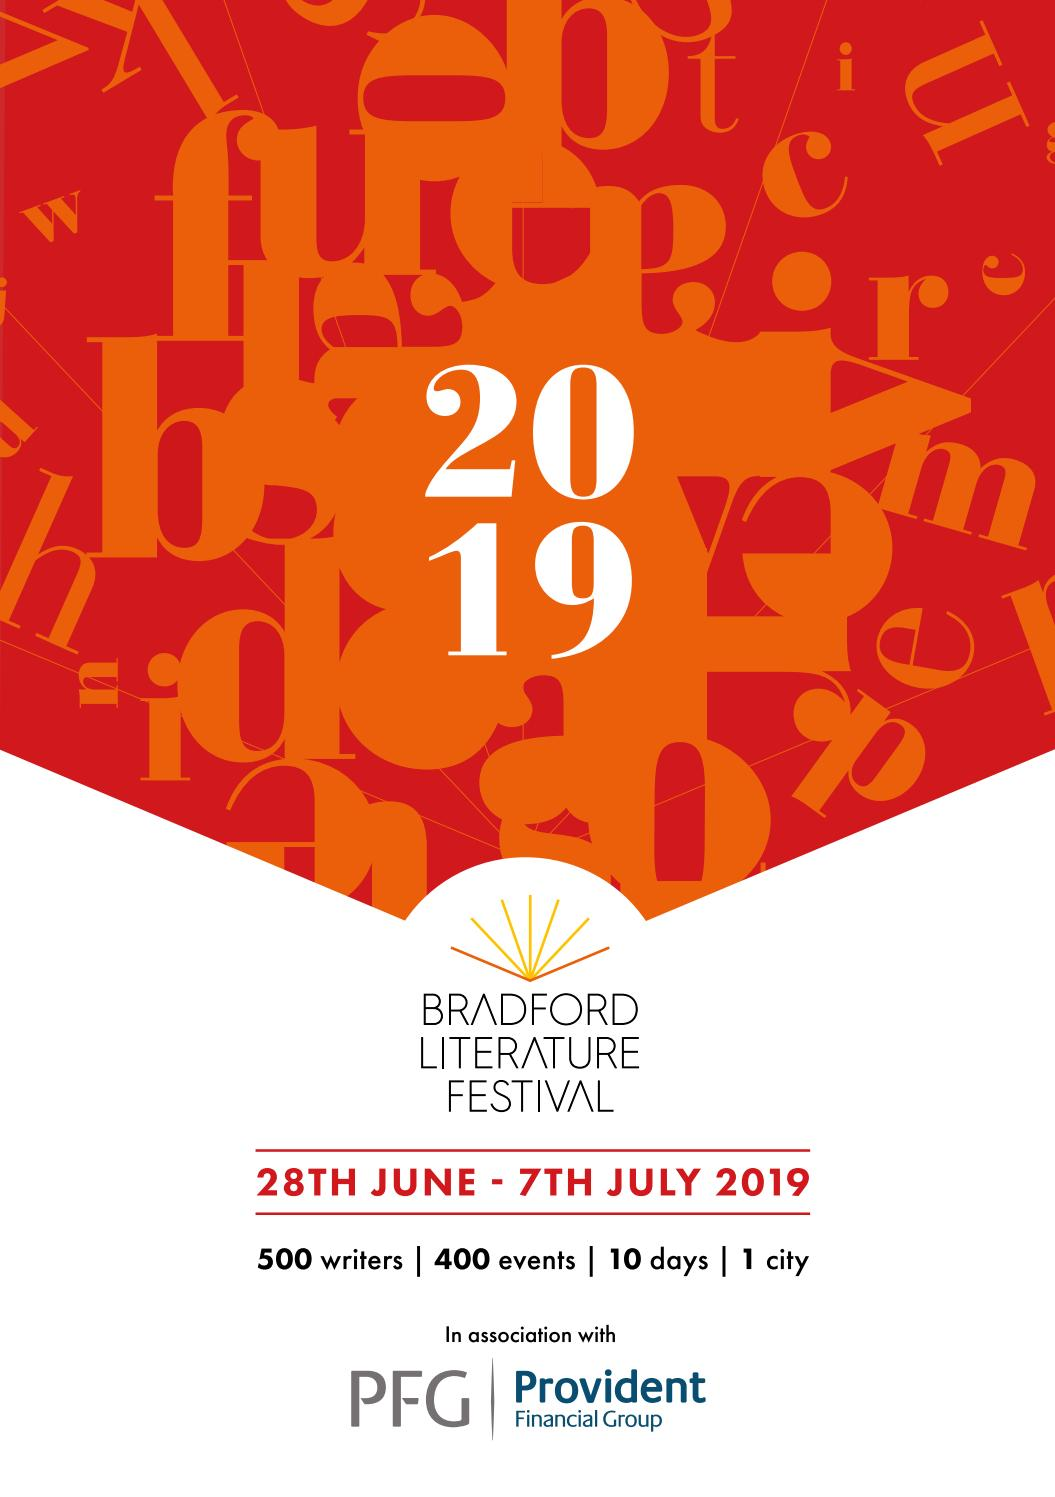 Bradford Literature Festival 2019 by bradfordlitfest - issuu